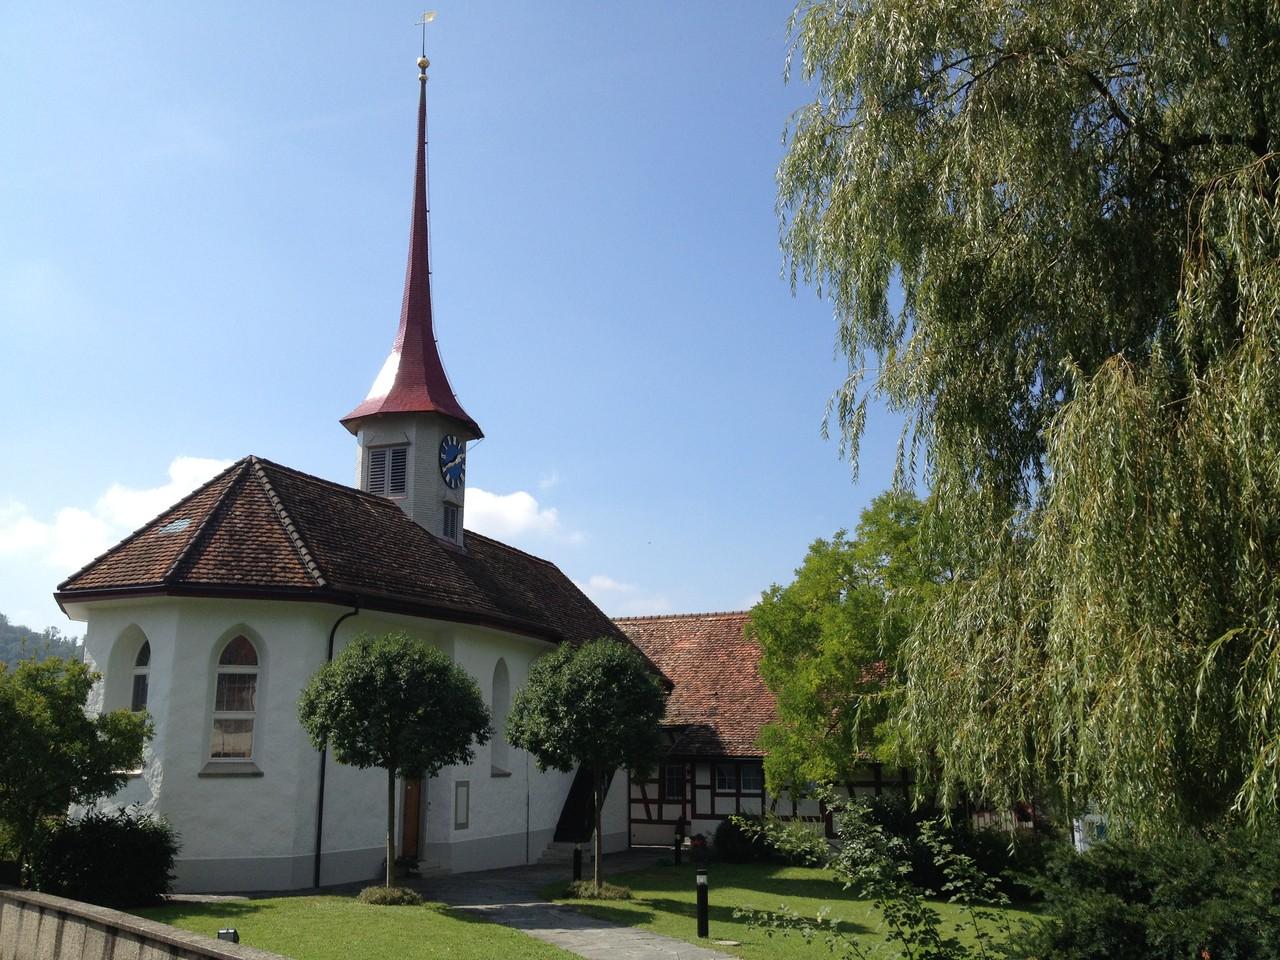 Sanierung Kirchturm, nachher